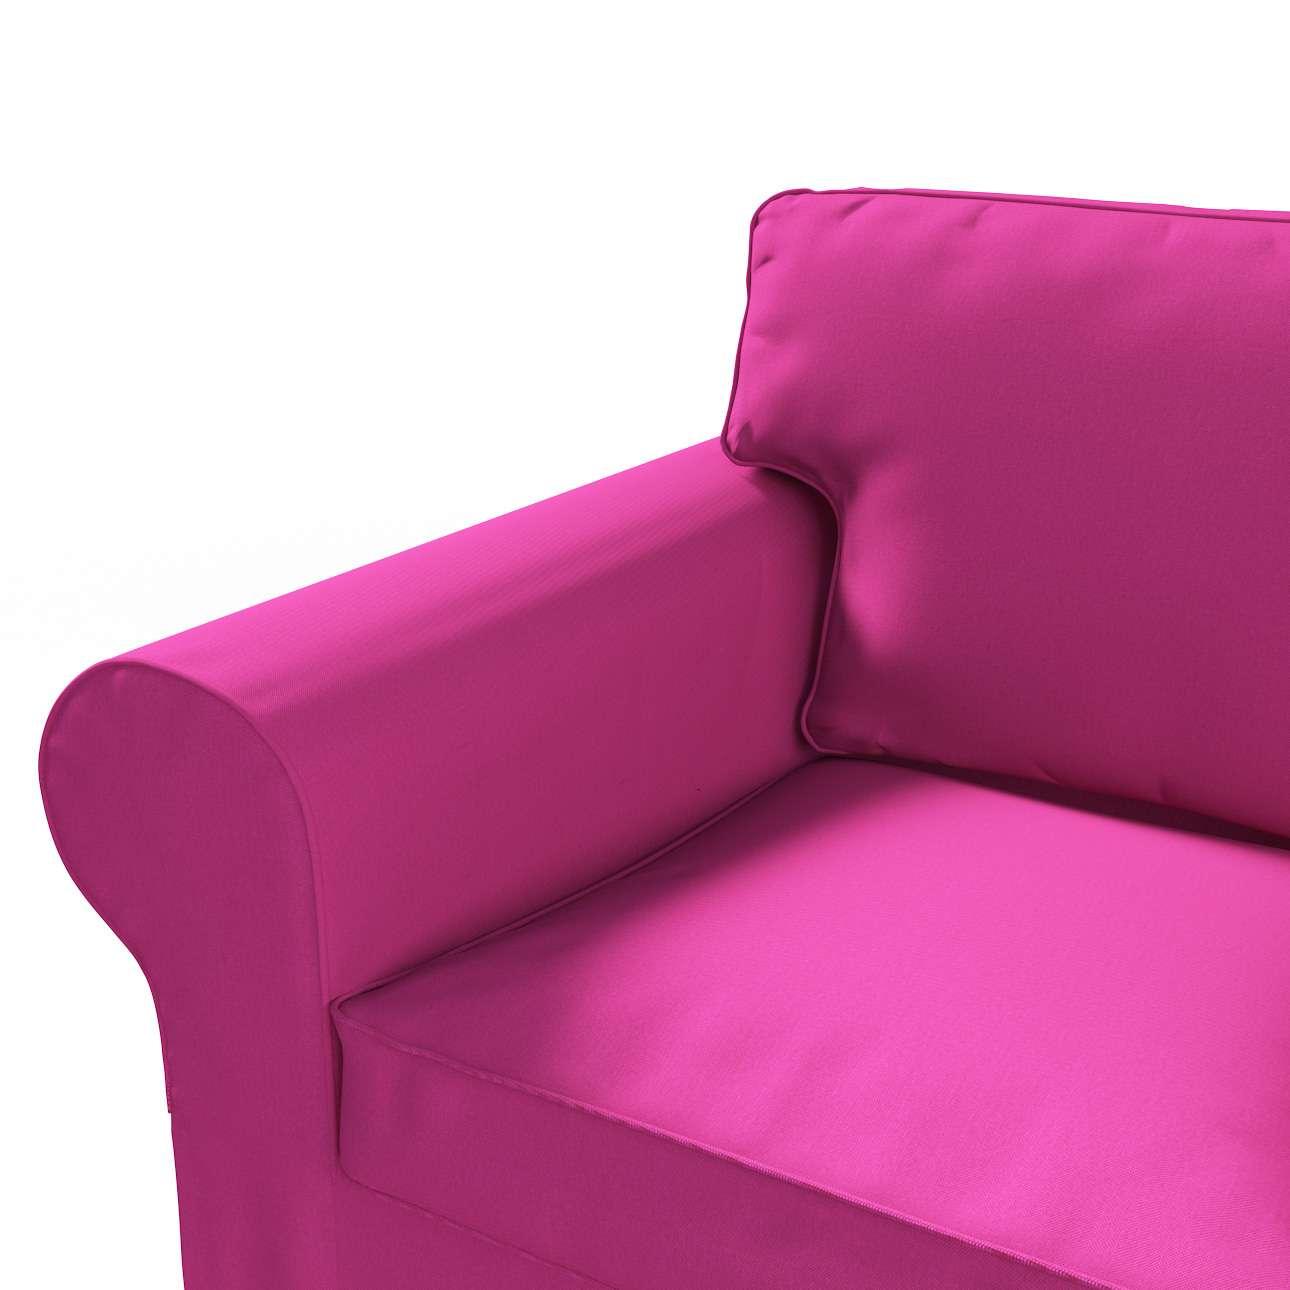 Pokrowiec na sofę Ektorp 2-osobową, nierozkładaną Sofa Ektorp 2-osobowa w kolekcji Etna , tkanina: 705-23